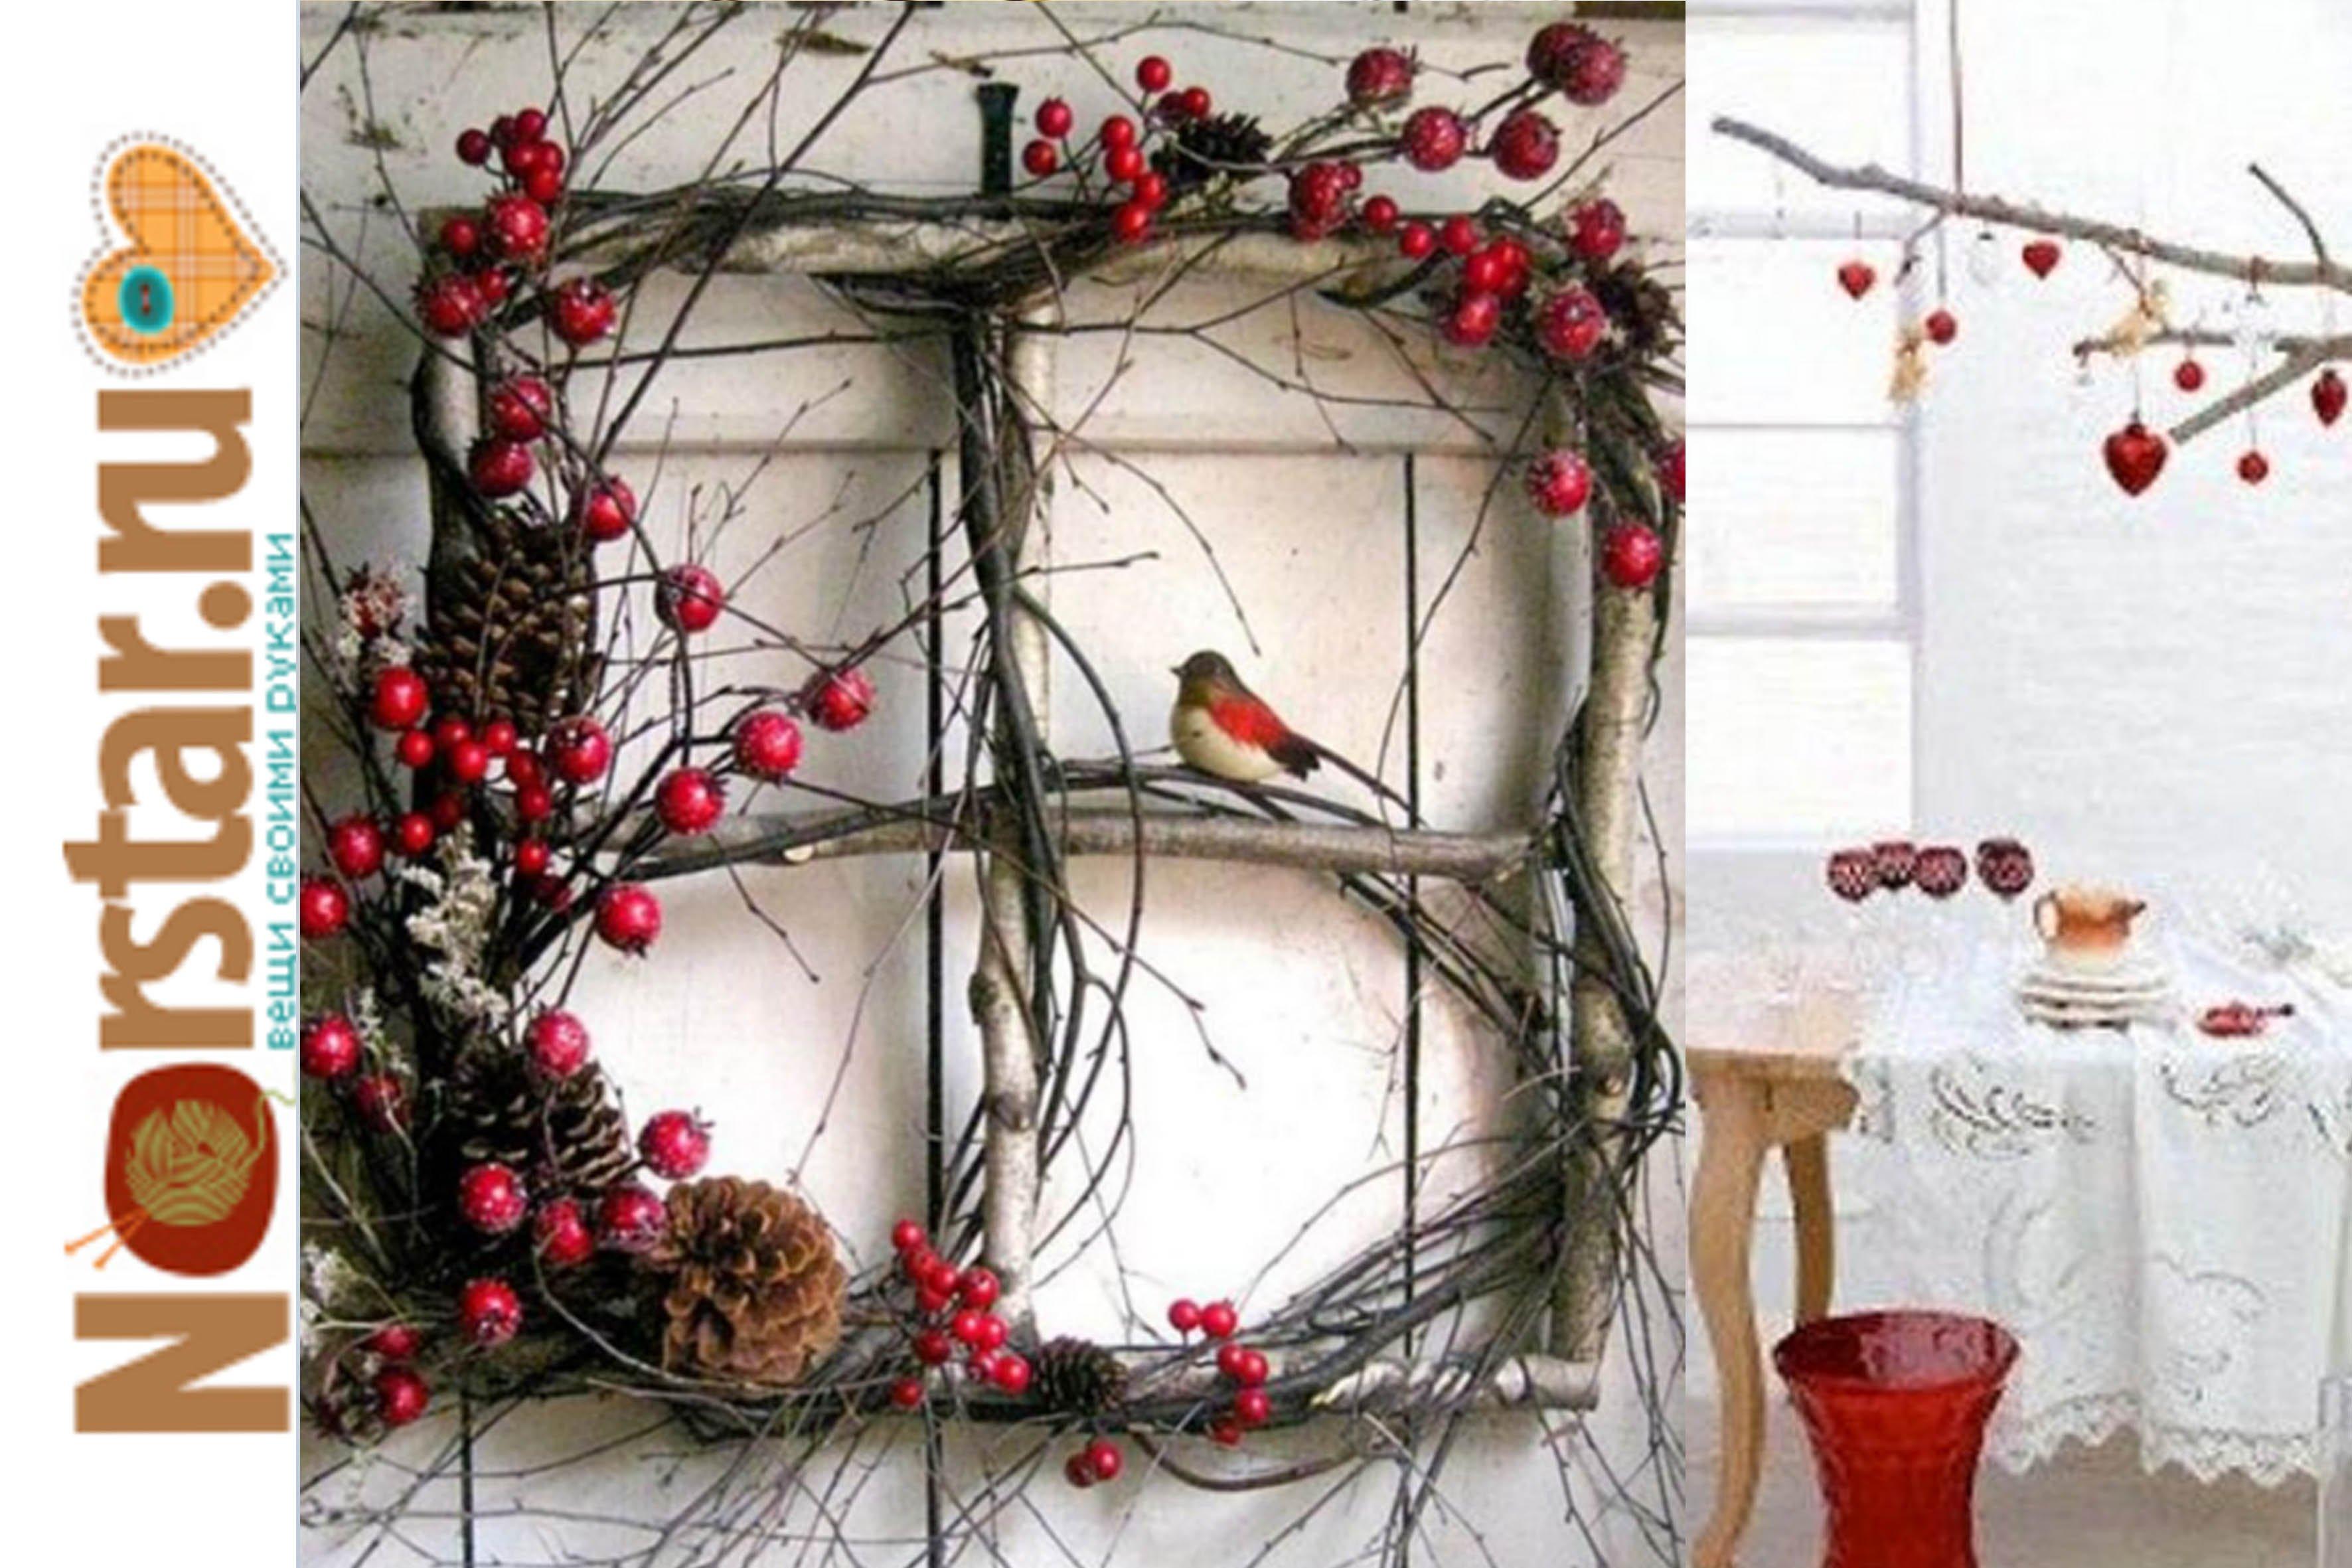 Новогодний декор дома — это единственное, чем вам хочется заниматься с утра до ночи?